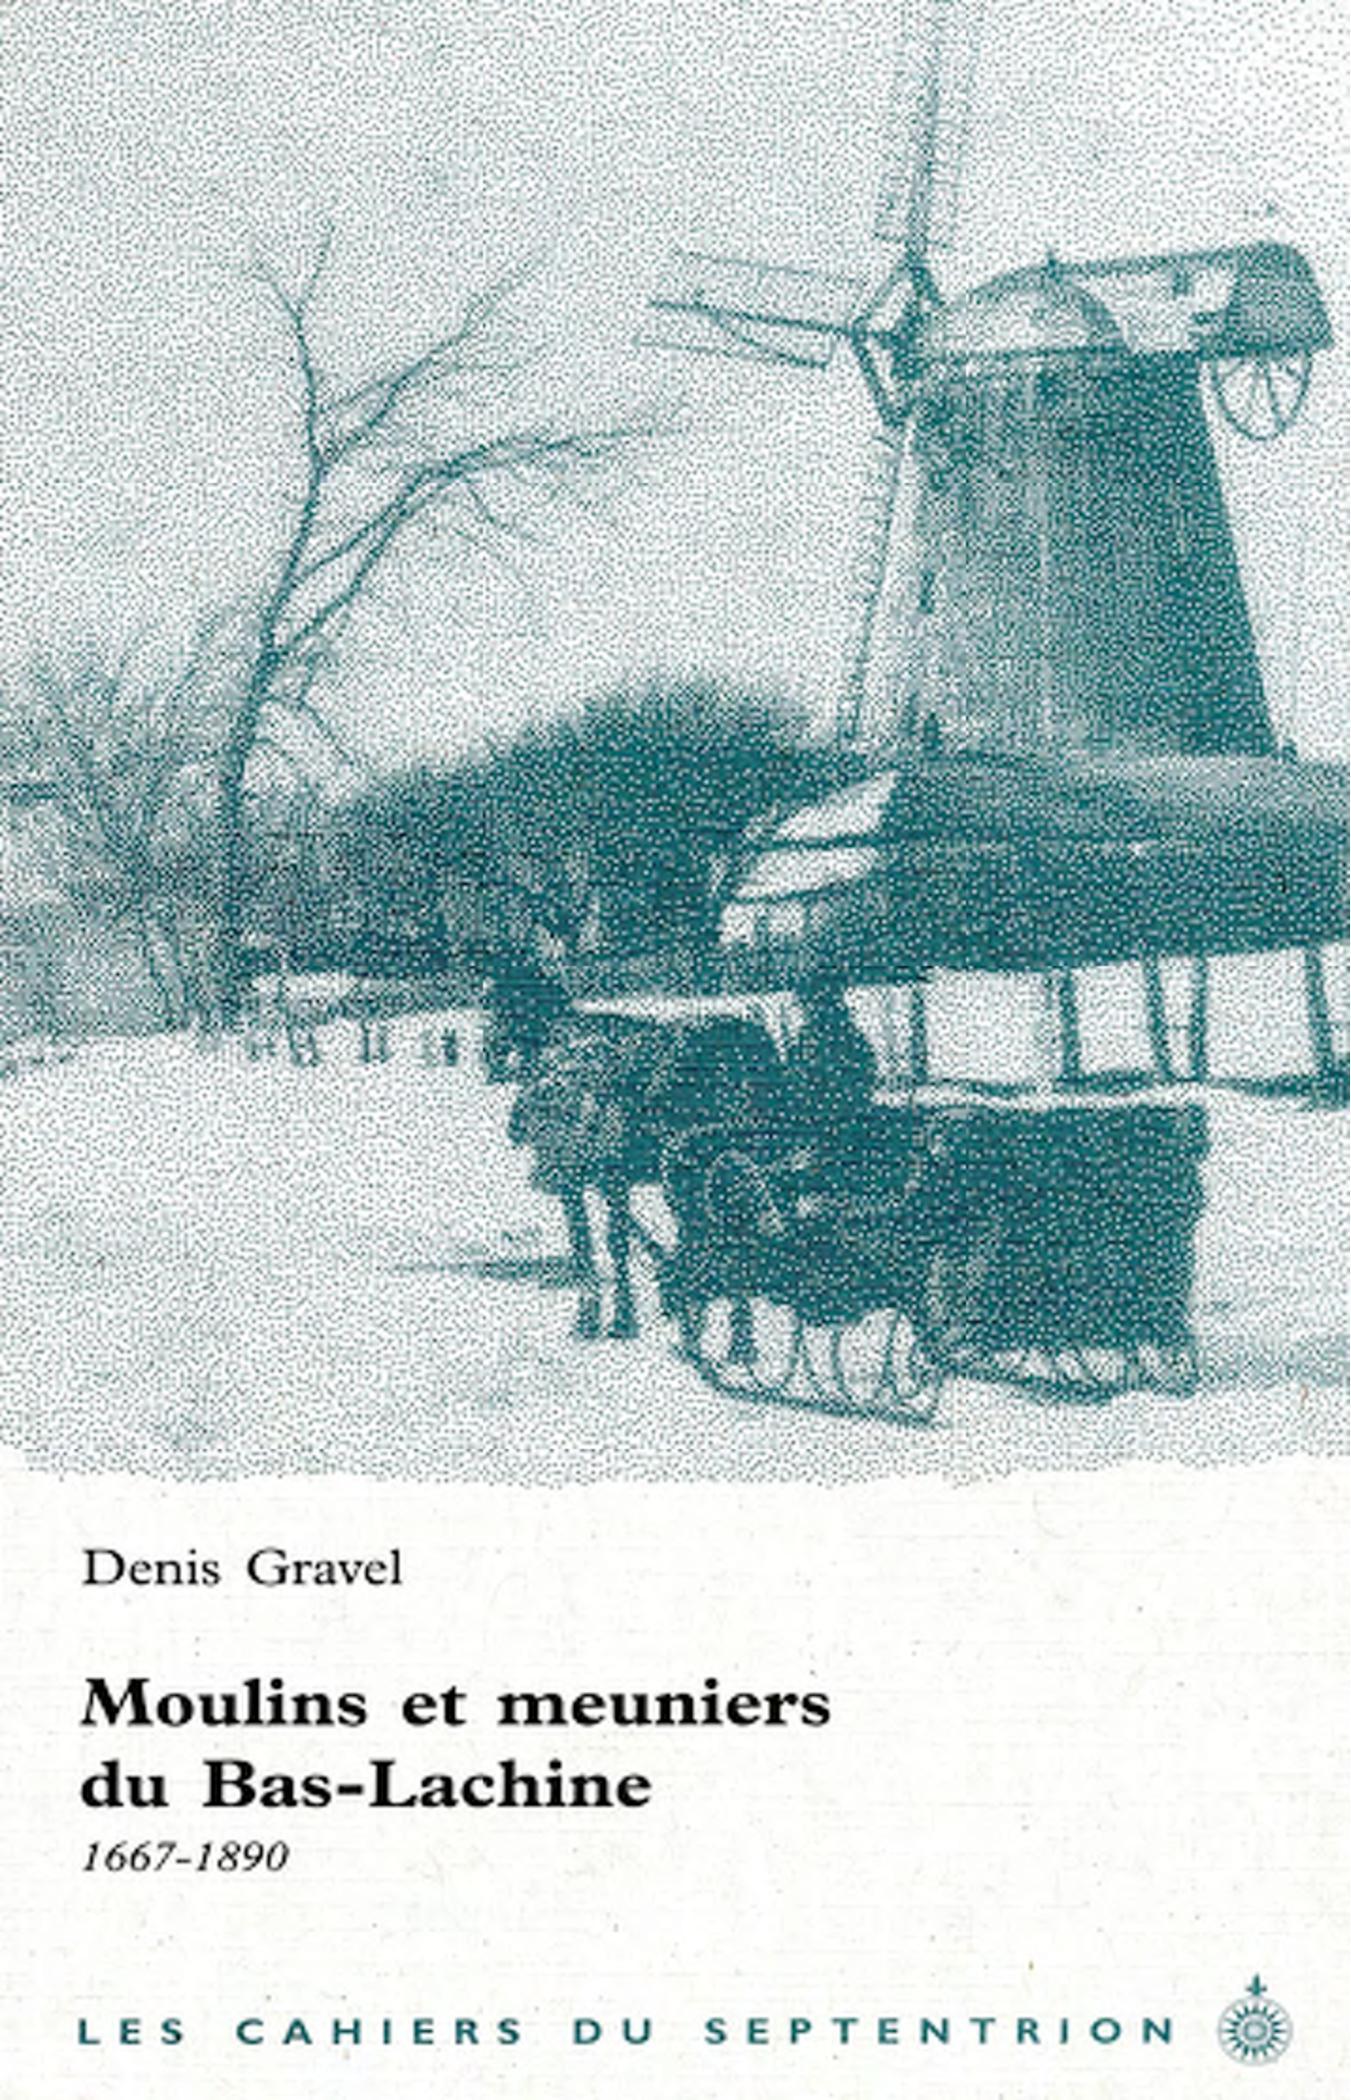 Moulins et meuniers du Bas-Lachine, 1667-1890